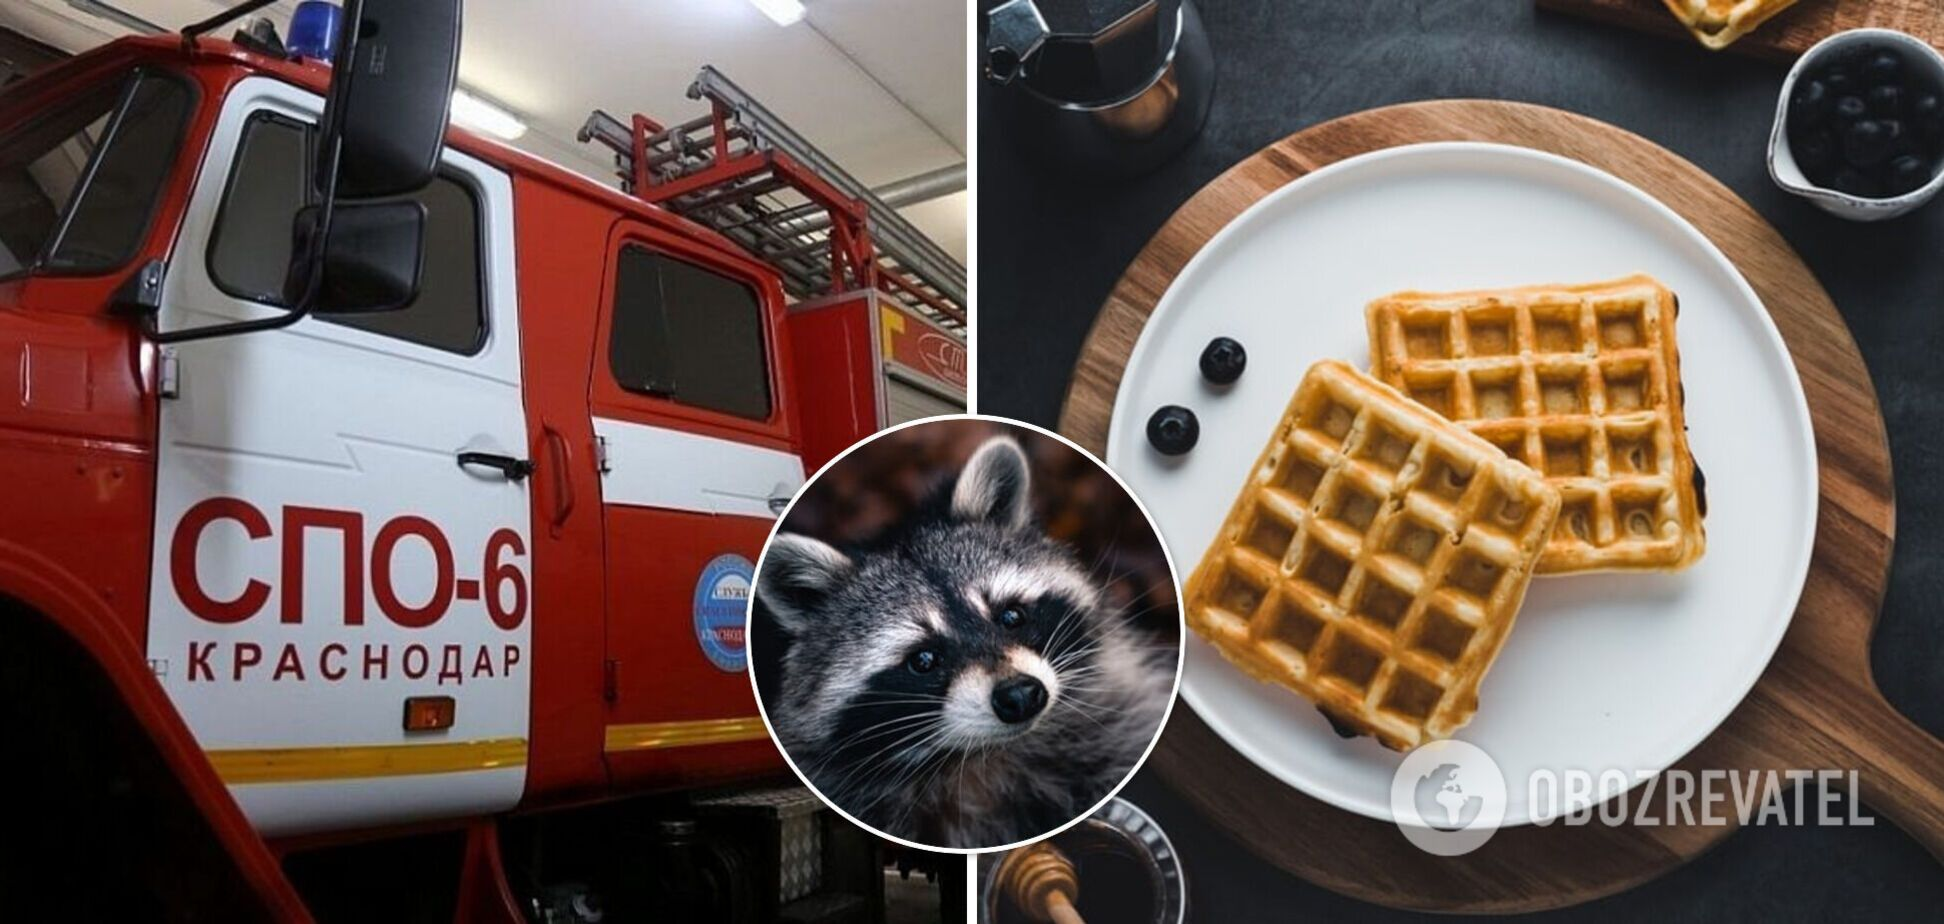 В России енот забрался в магазин и украл вафли. Видео